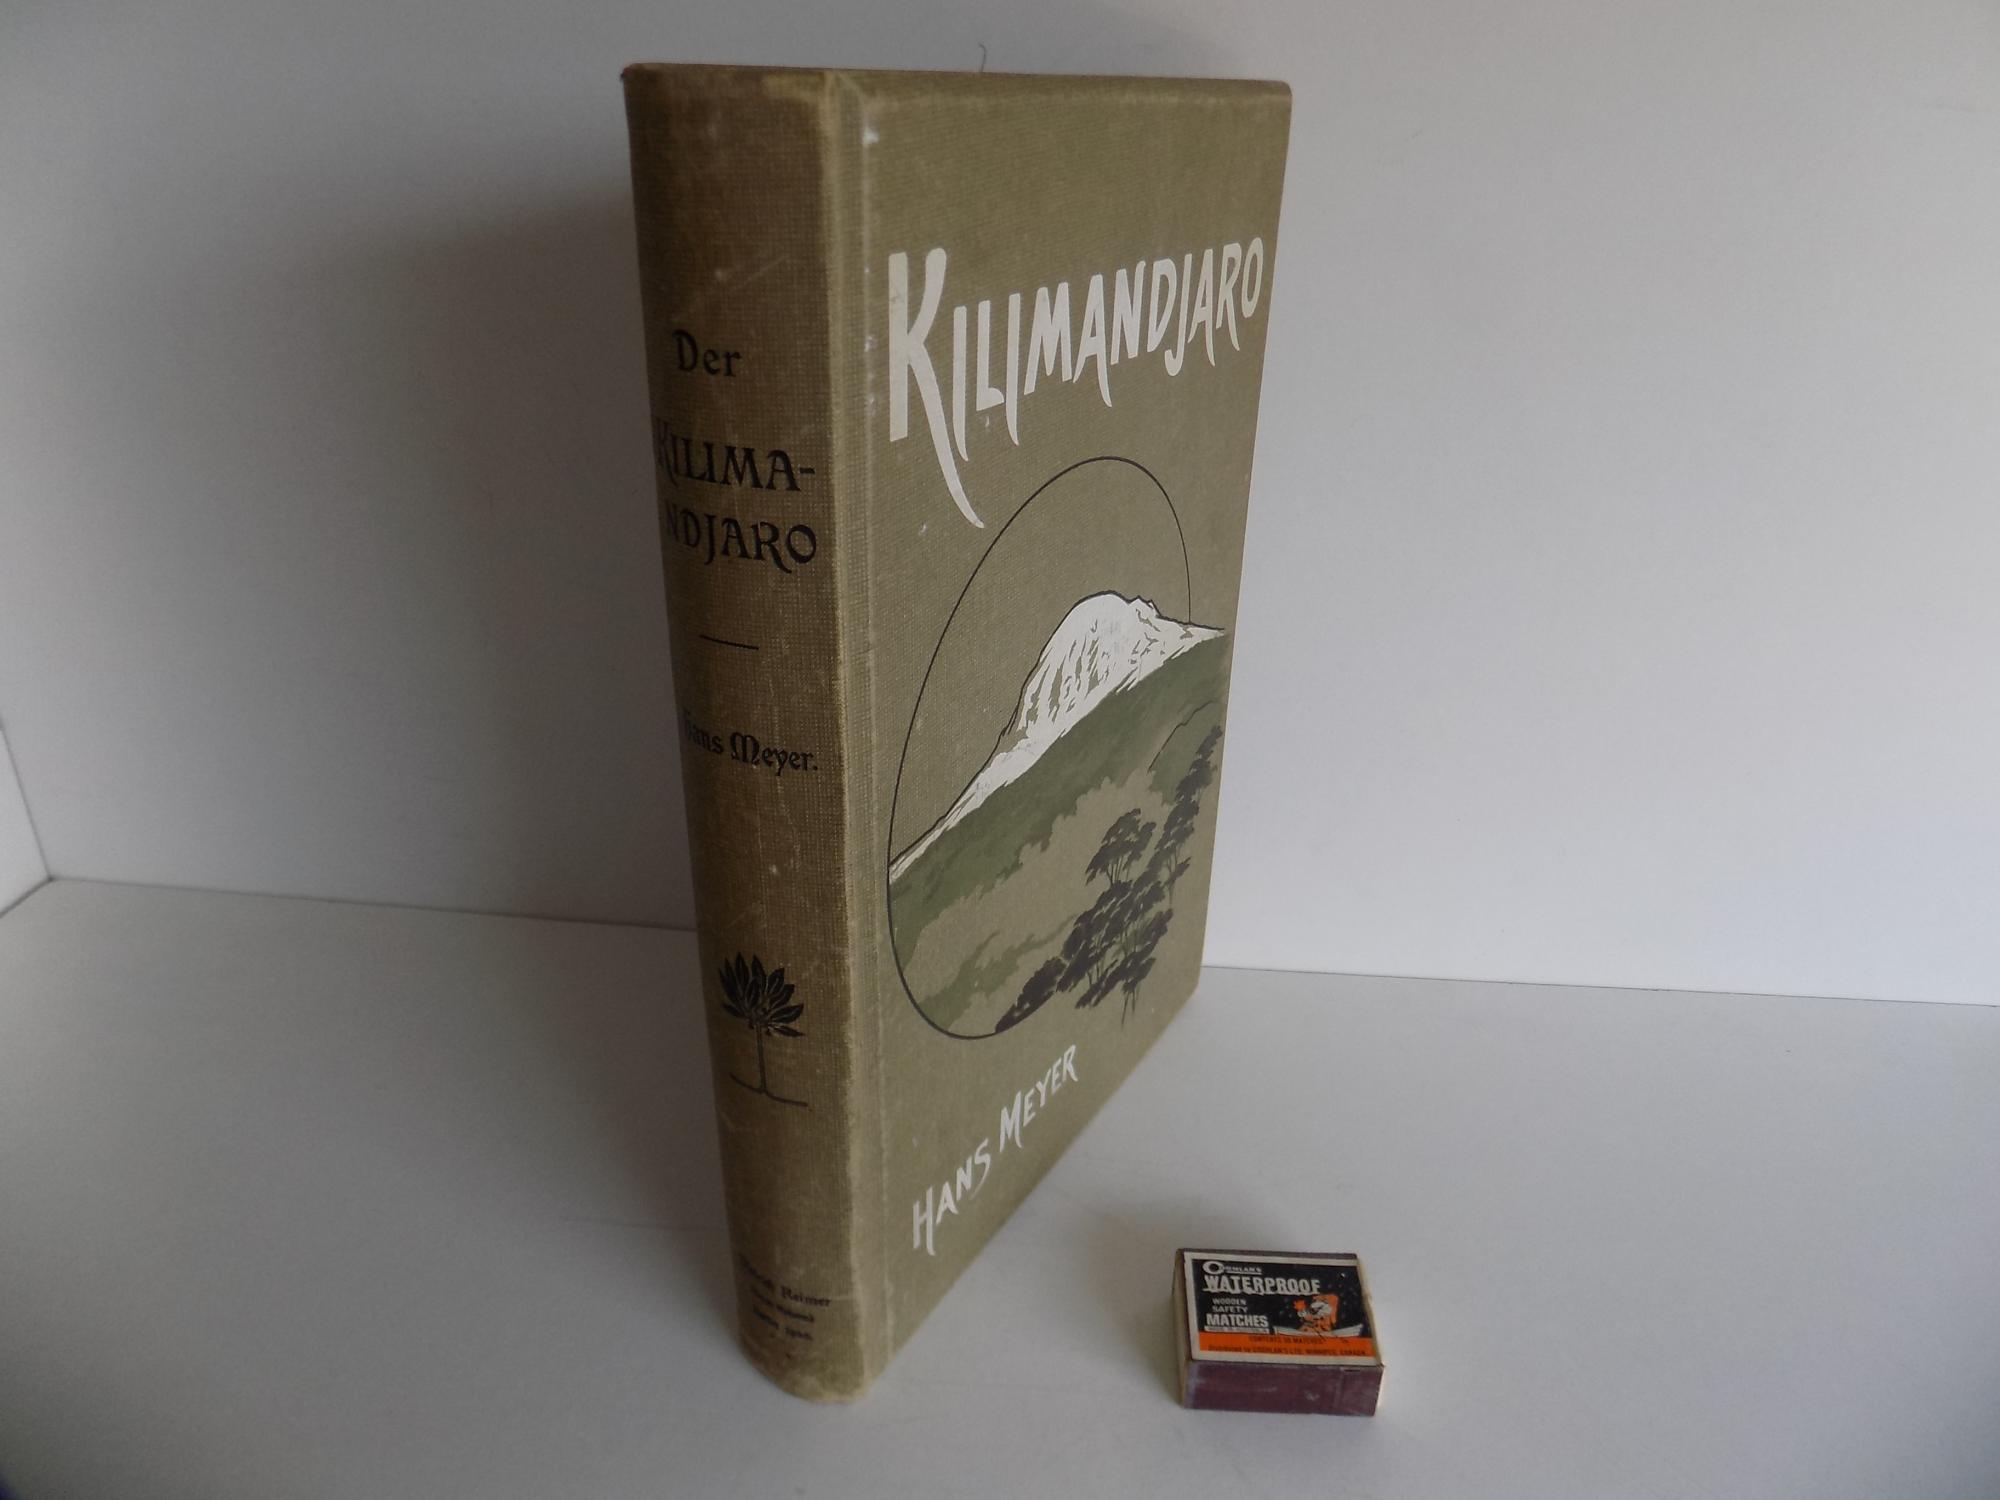 Afrika:] Der Kilimandjaro [Kilimandscharo]. Reisen und Studien.: Meyer, Hans